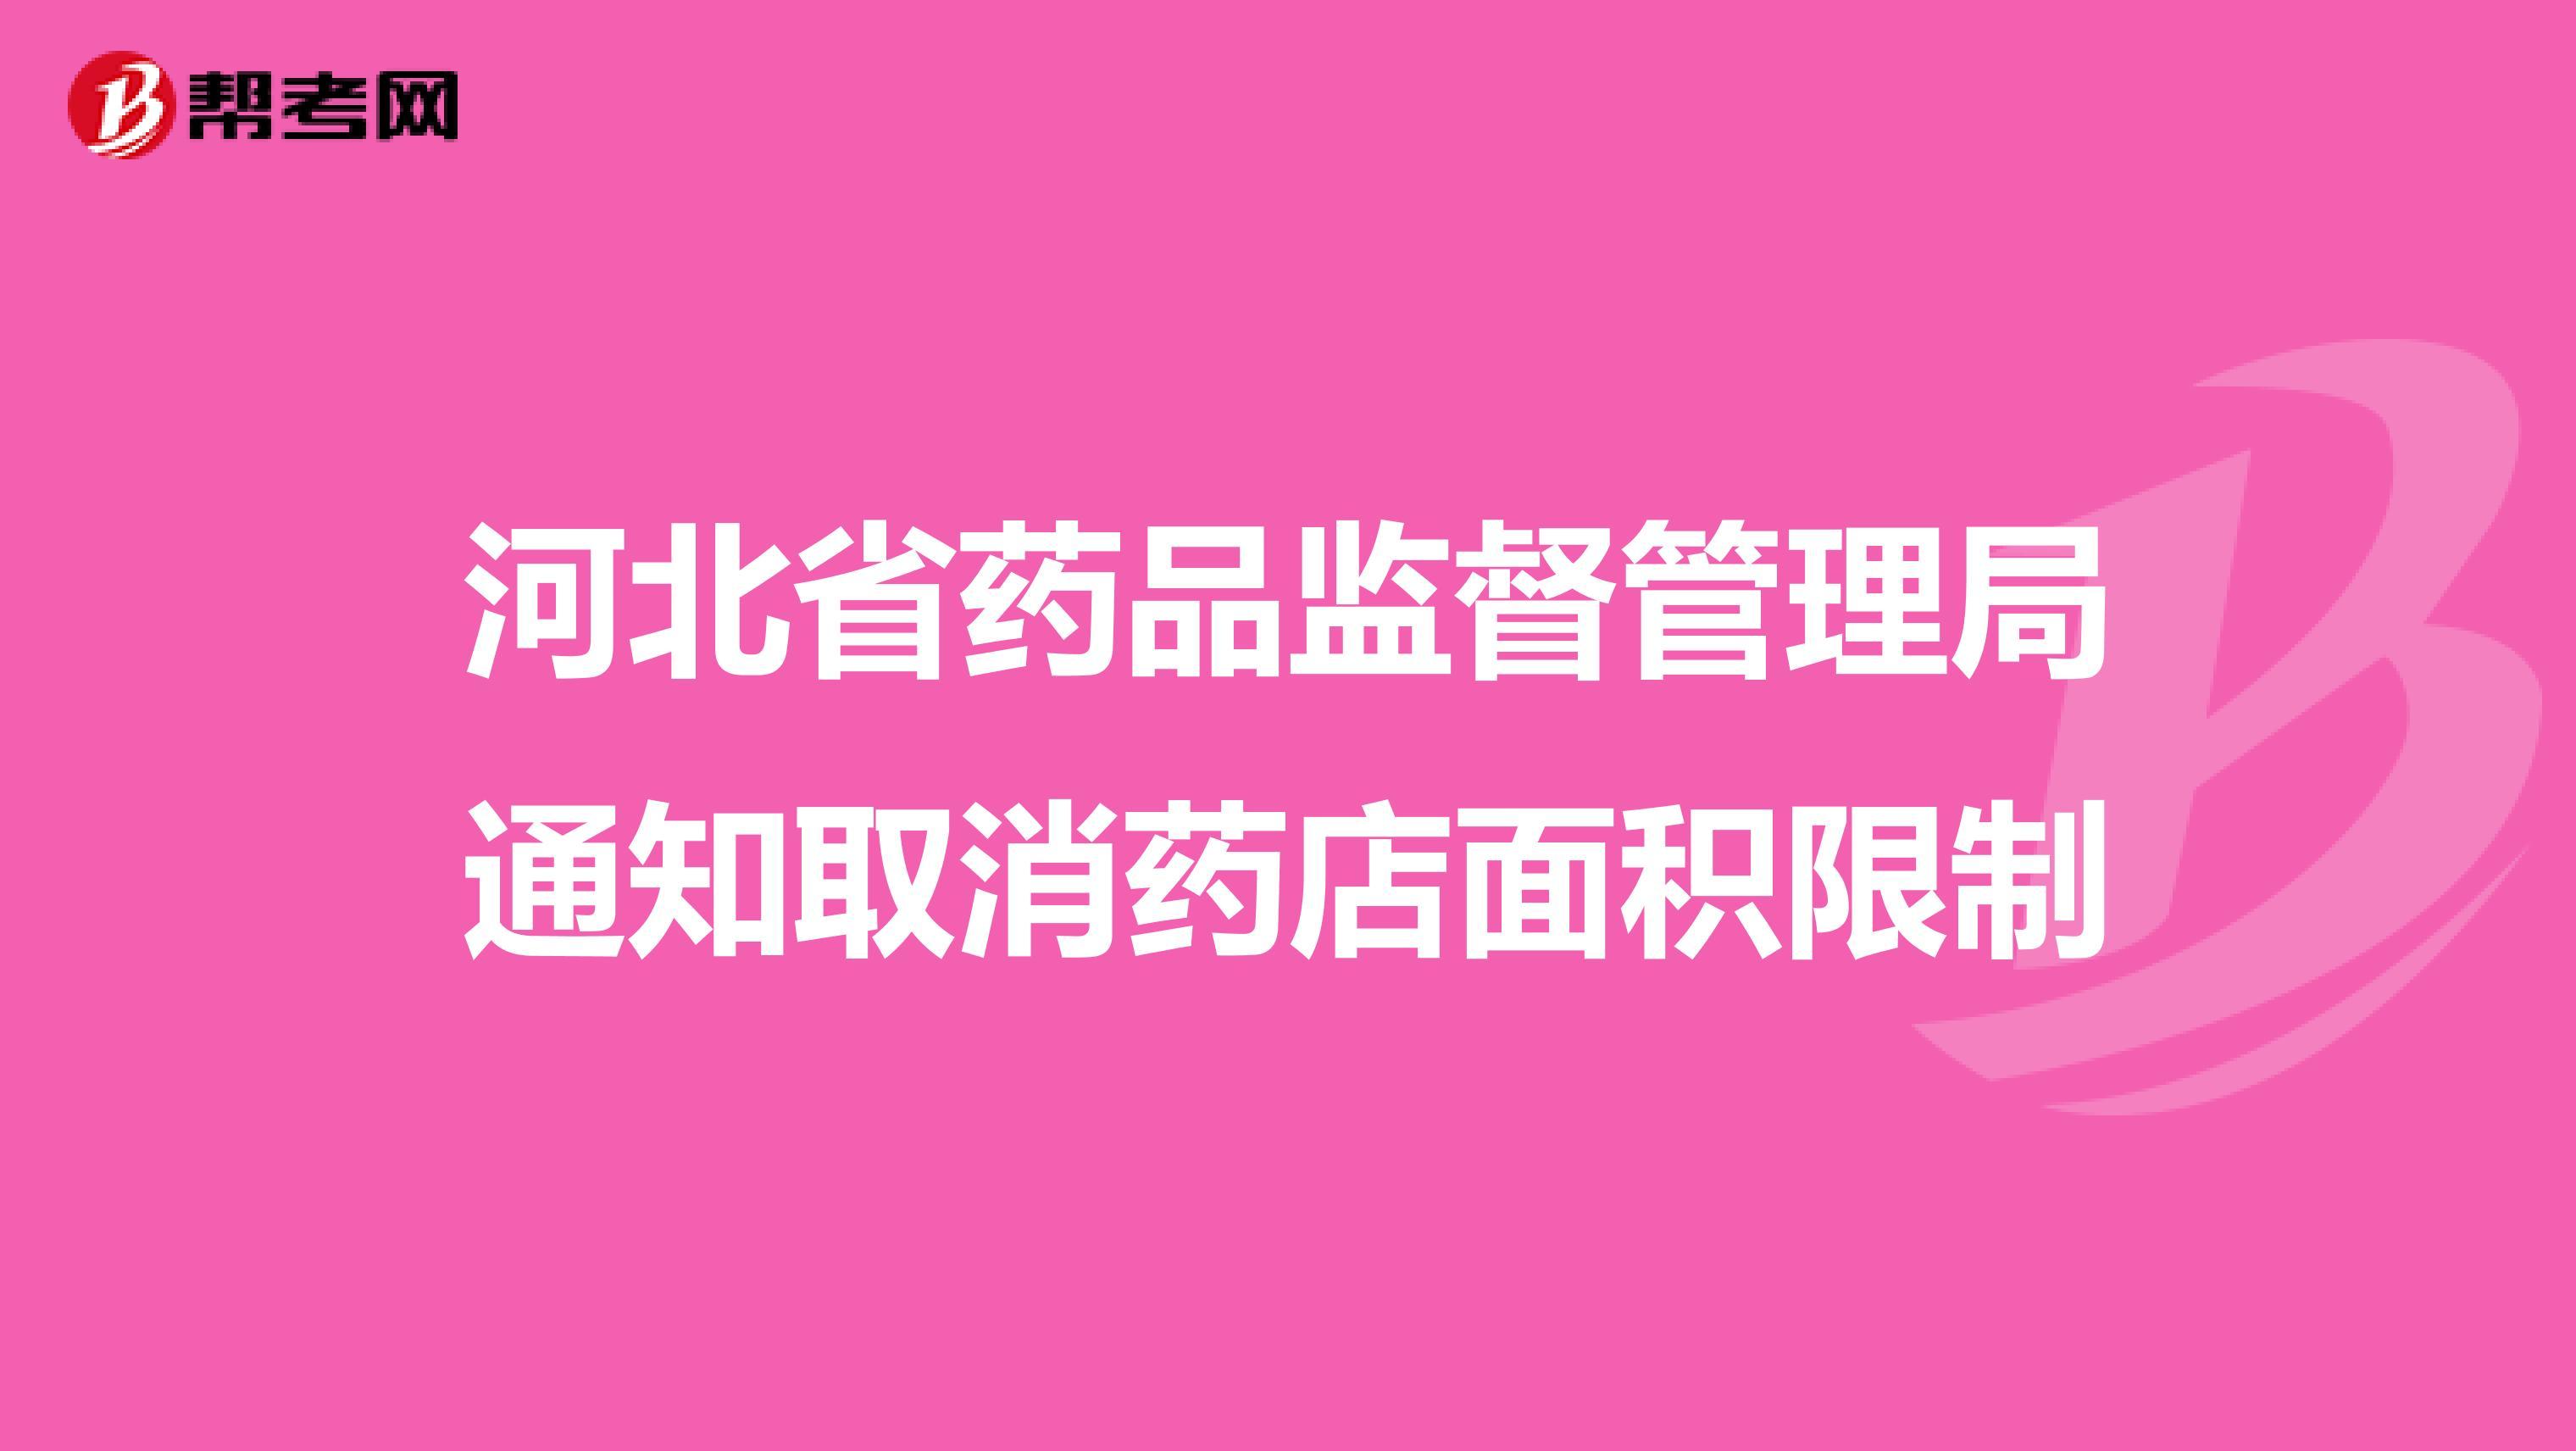 河北省药品监督管理局通知取消药店面积限制